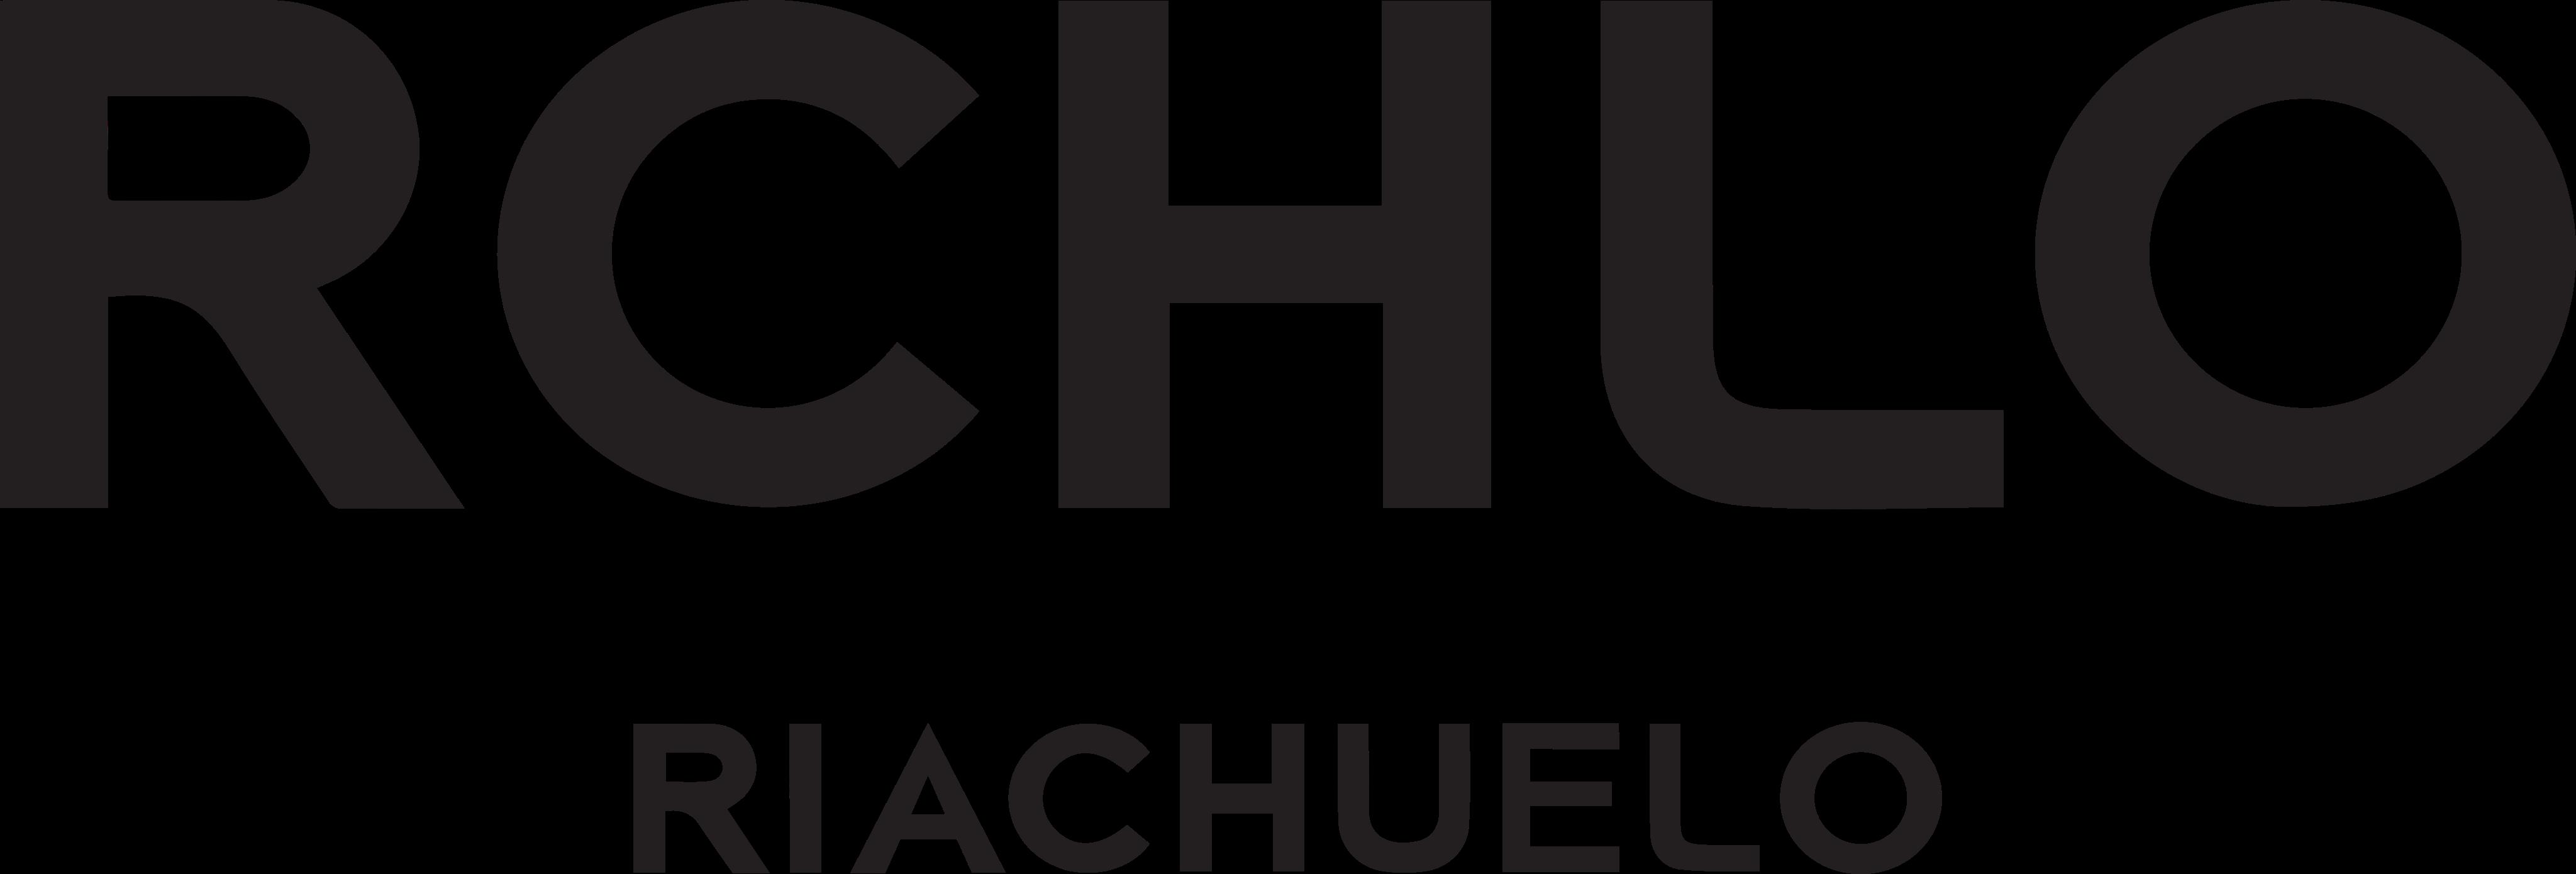 riachuelo logo 1 - Riachuelo Logo